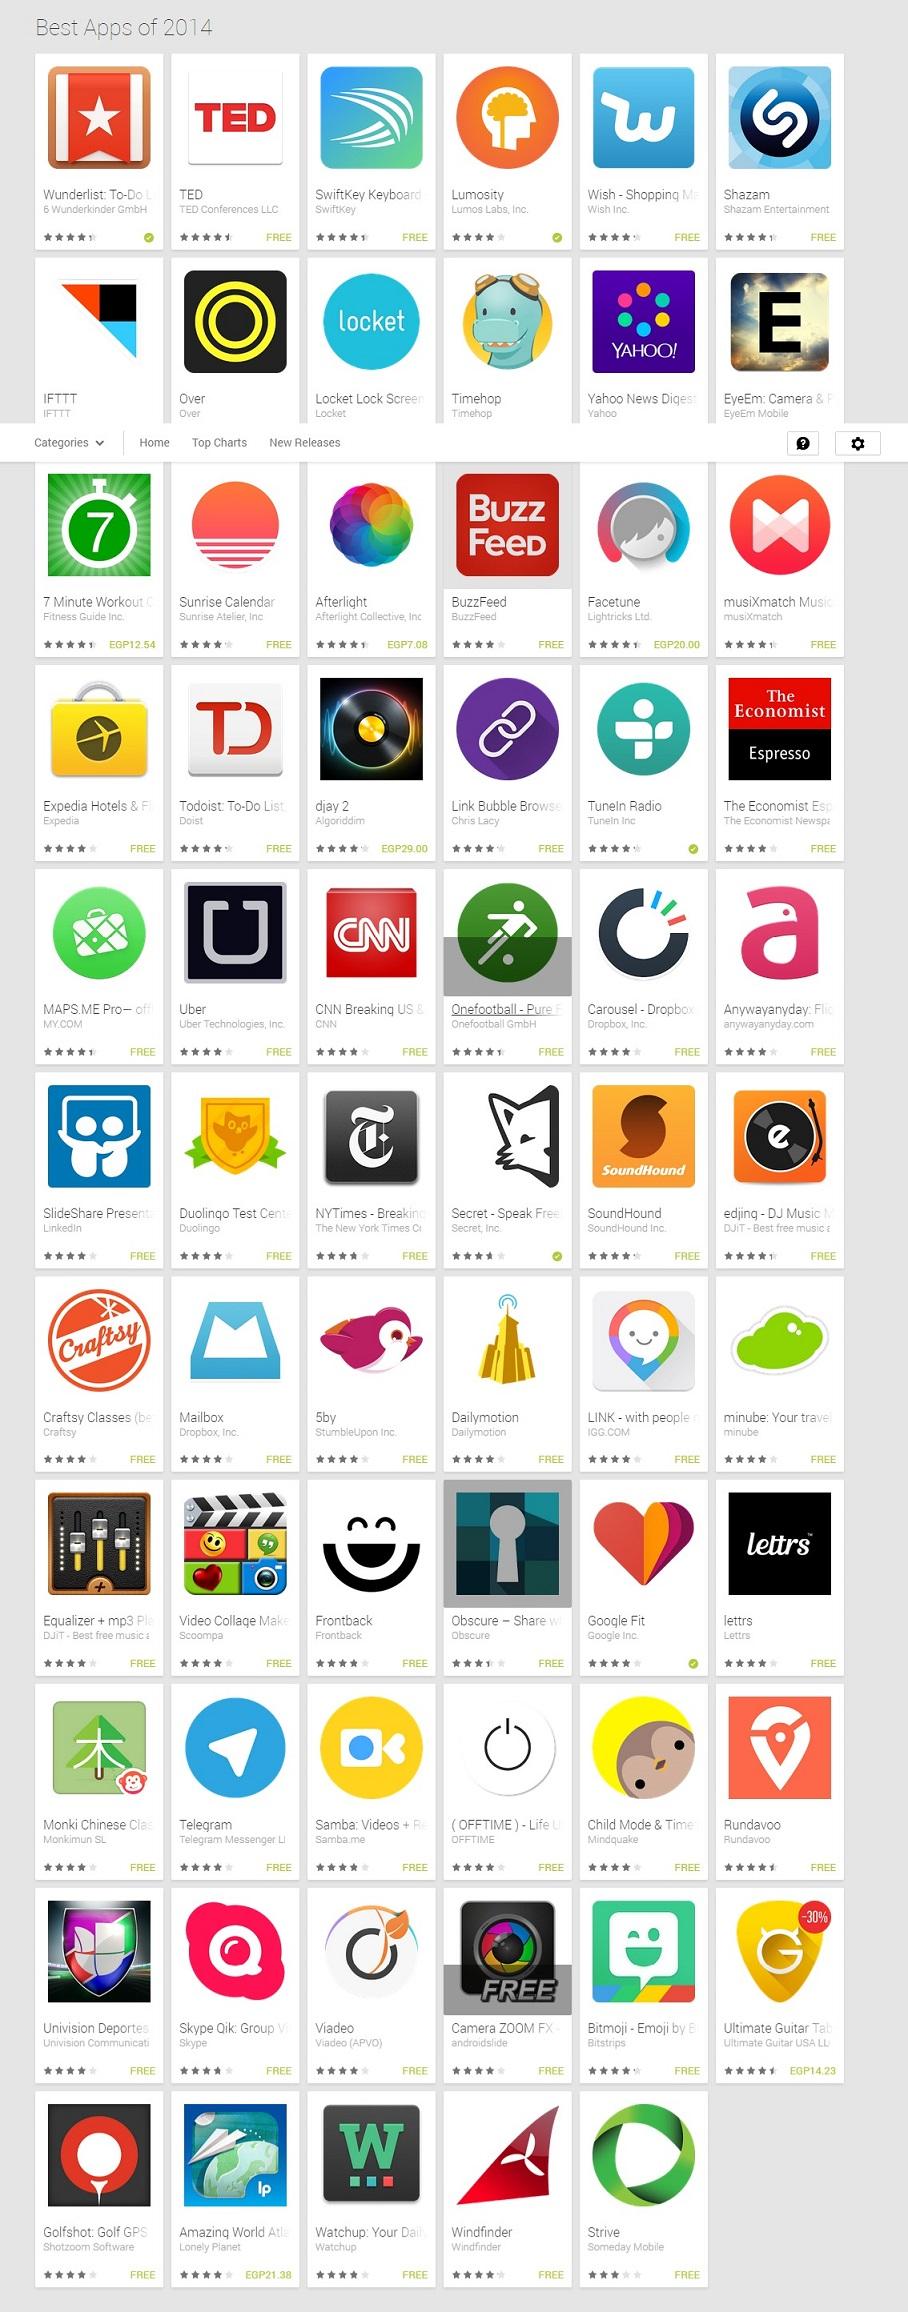 جوجل تكشف عن أفضل تطبيقات أندرويد في 2014